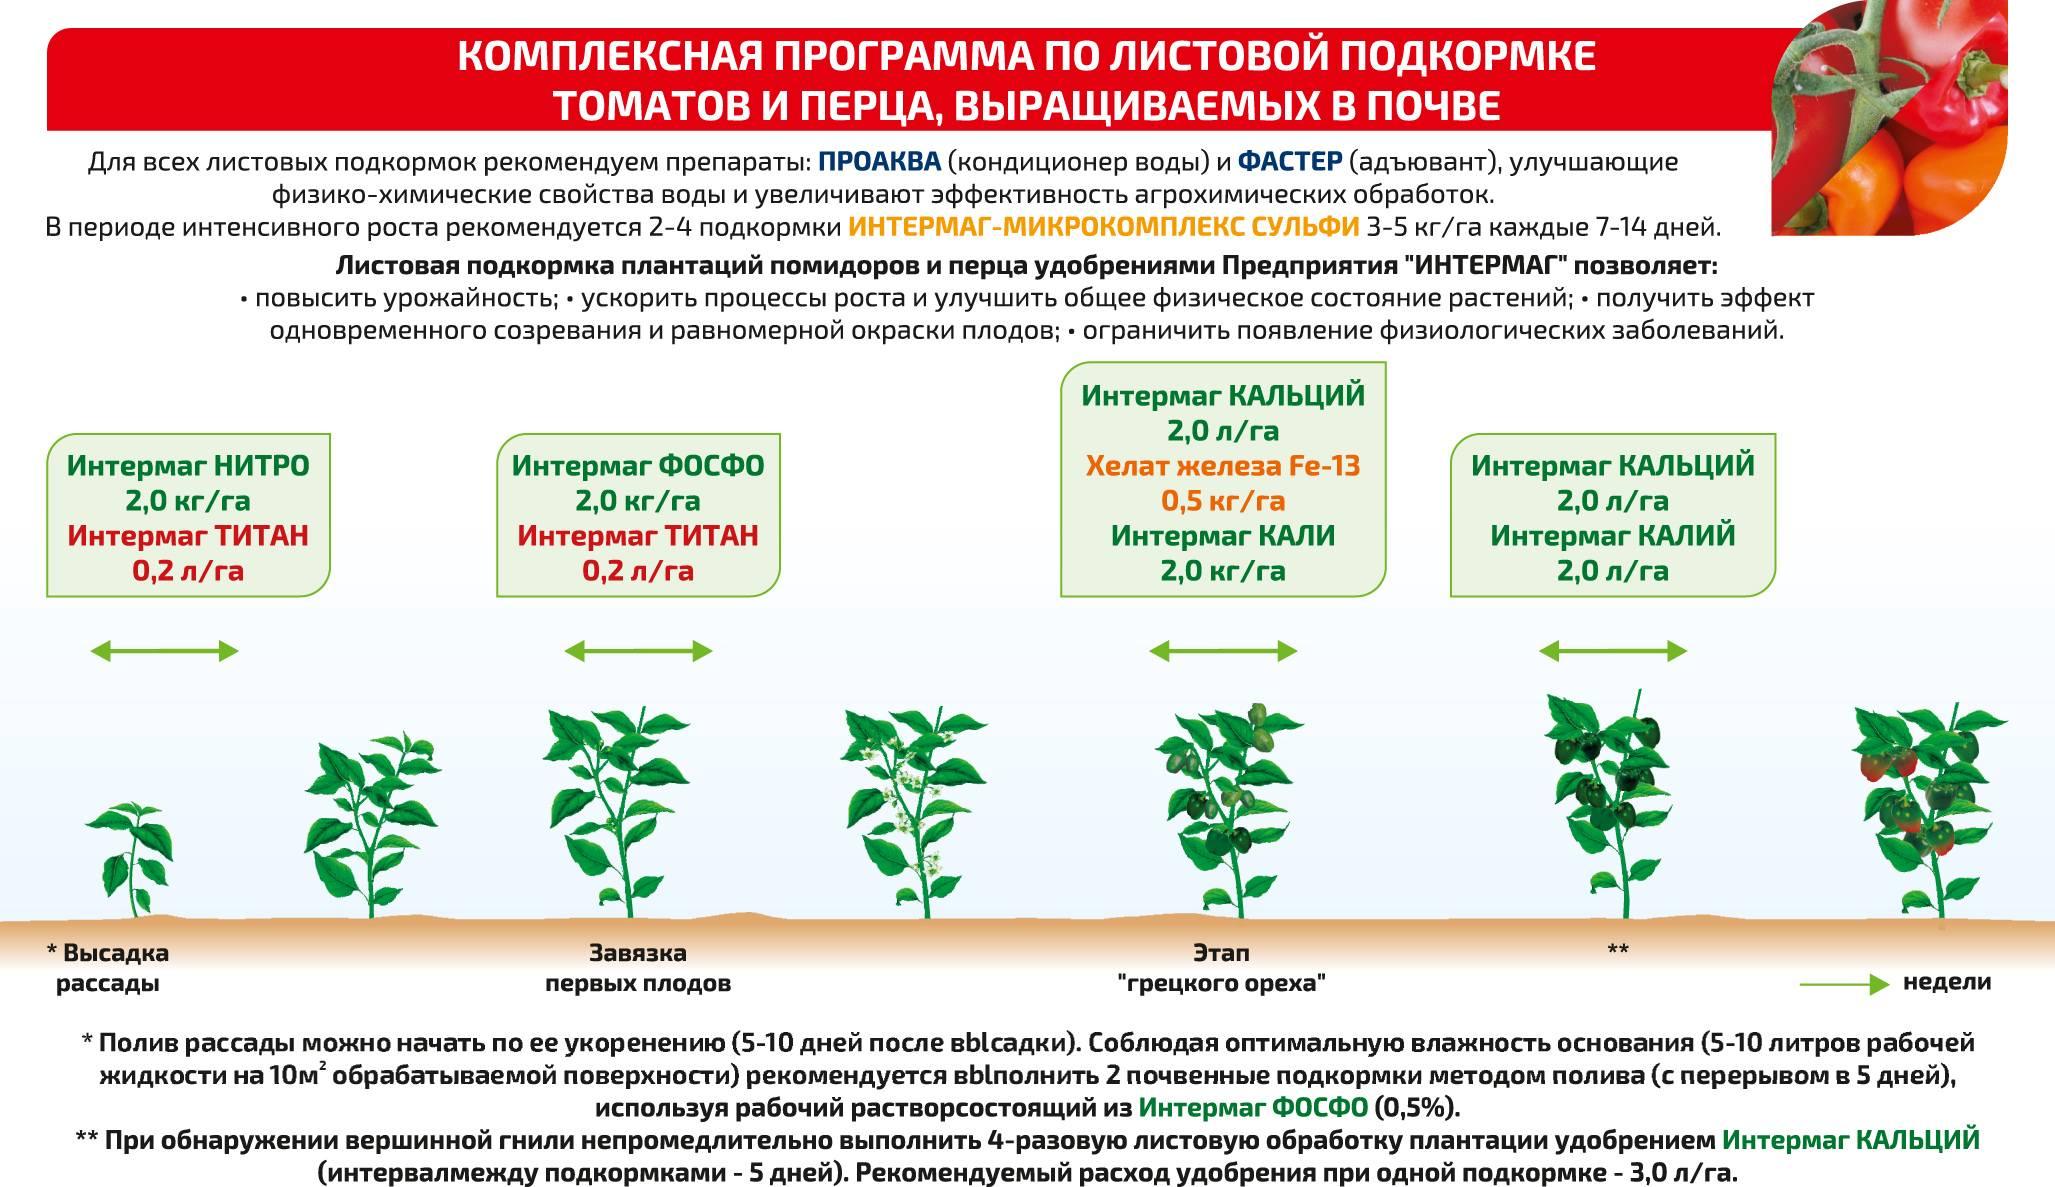 Подробно о том, как вырастить крупные помидоры. все, что нужно знать от выбора сорта до ухода за овощами